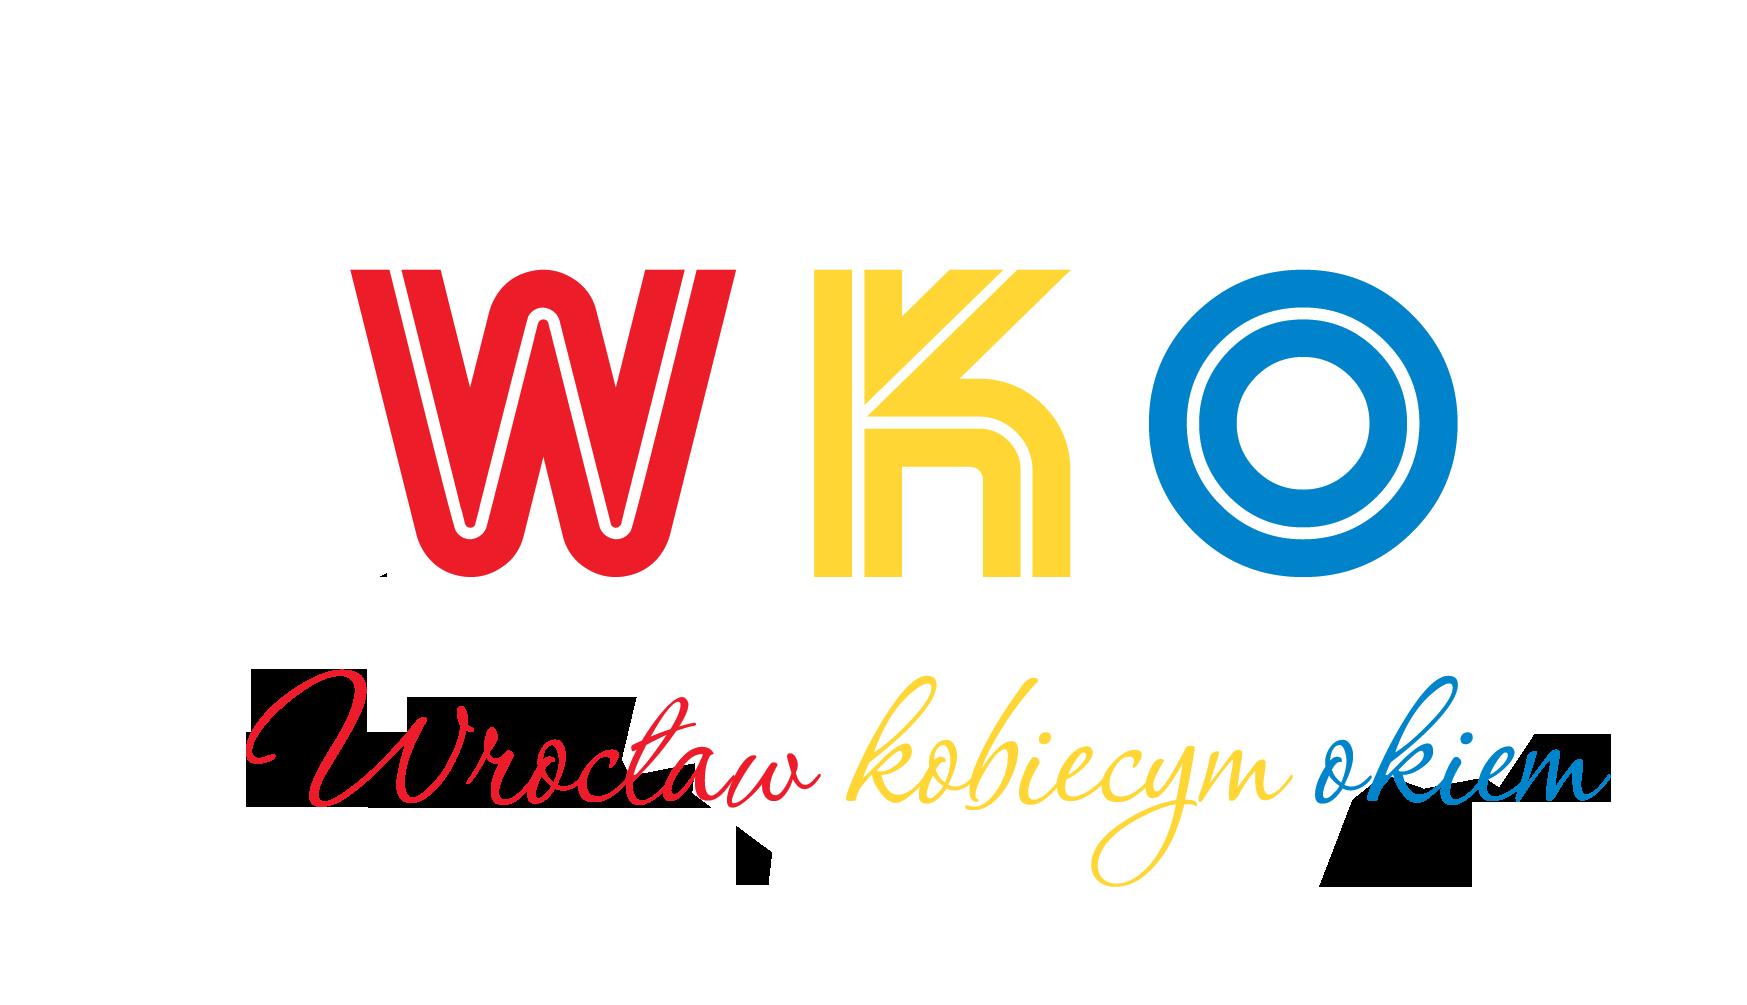 Wrocław Kobiecym Okiem